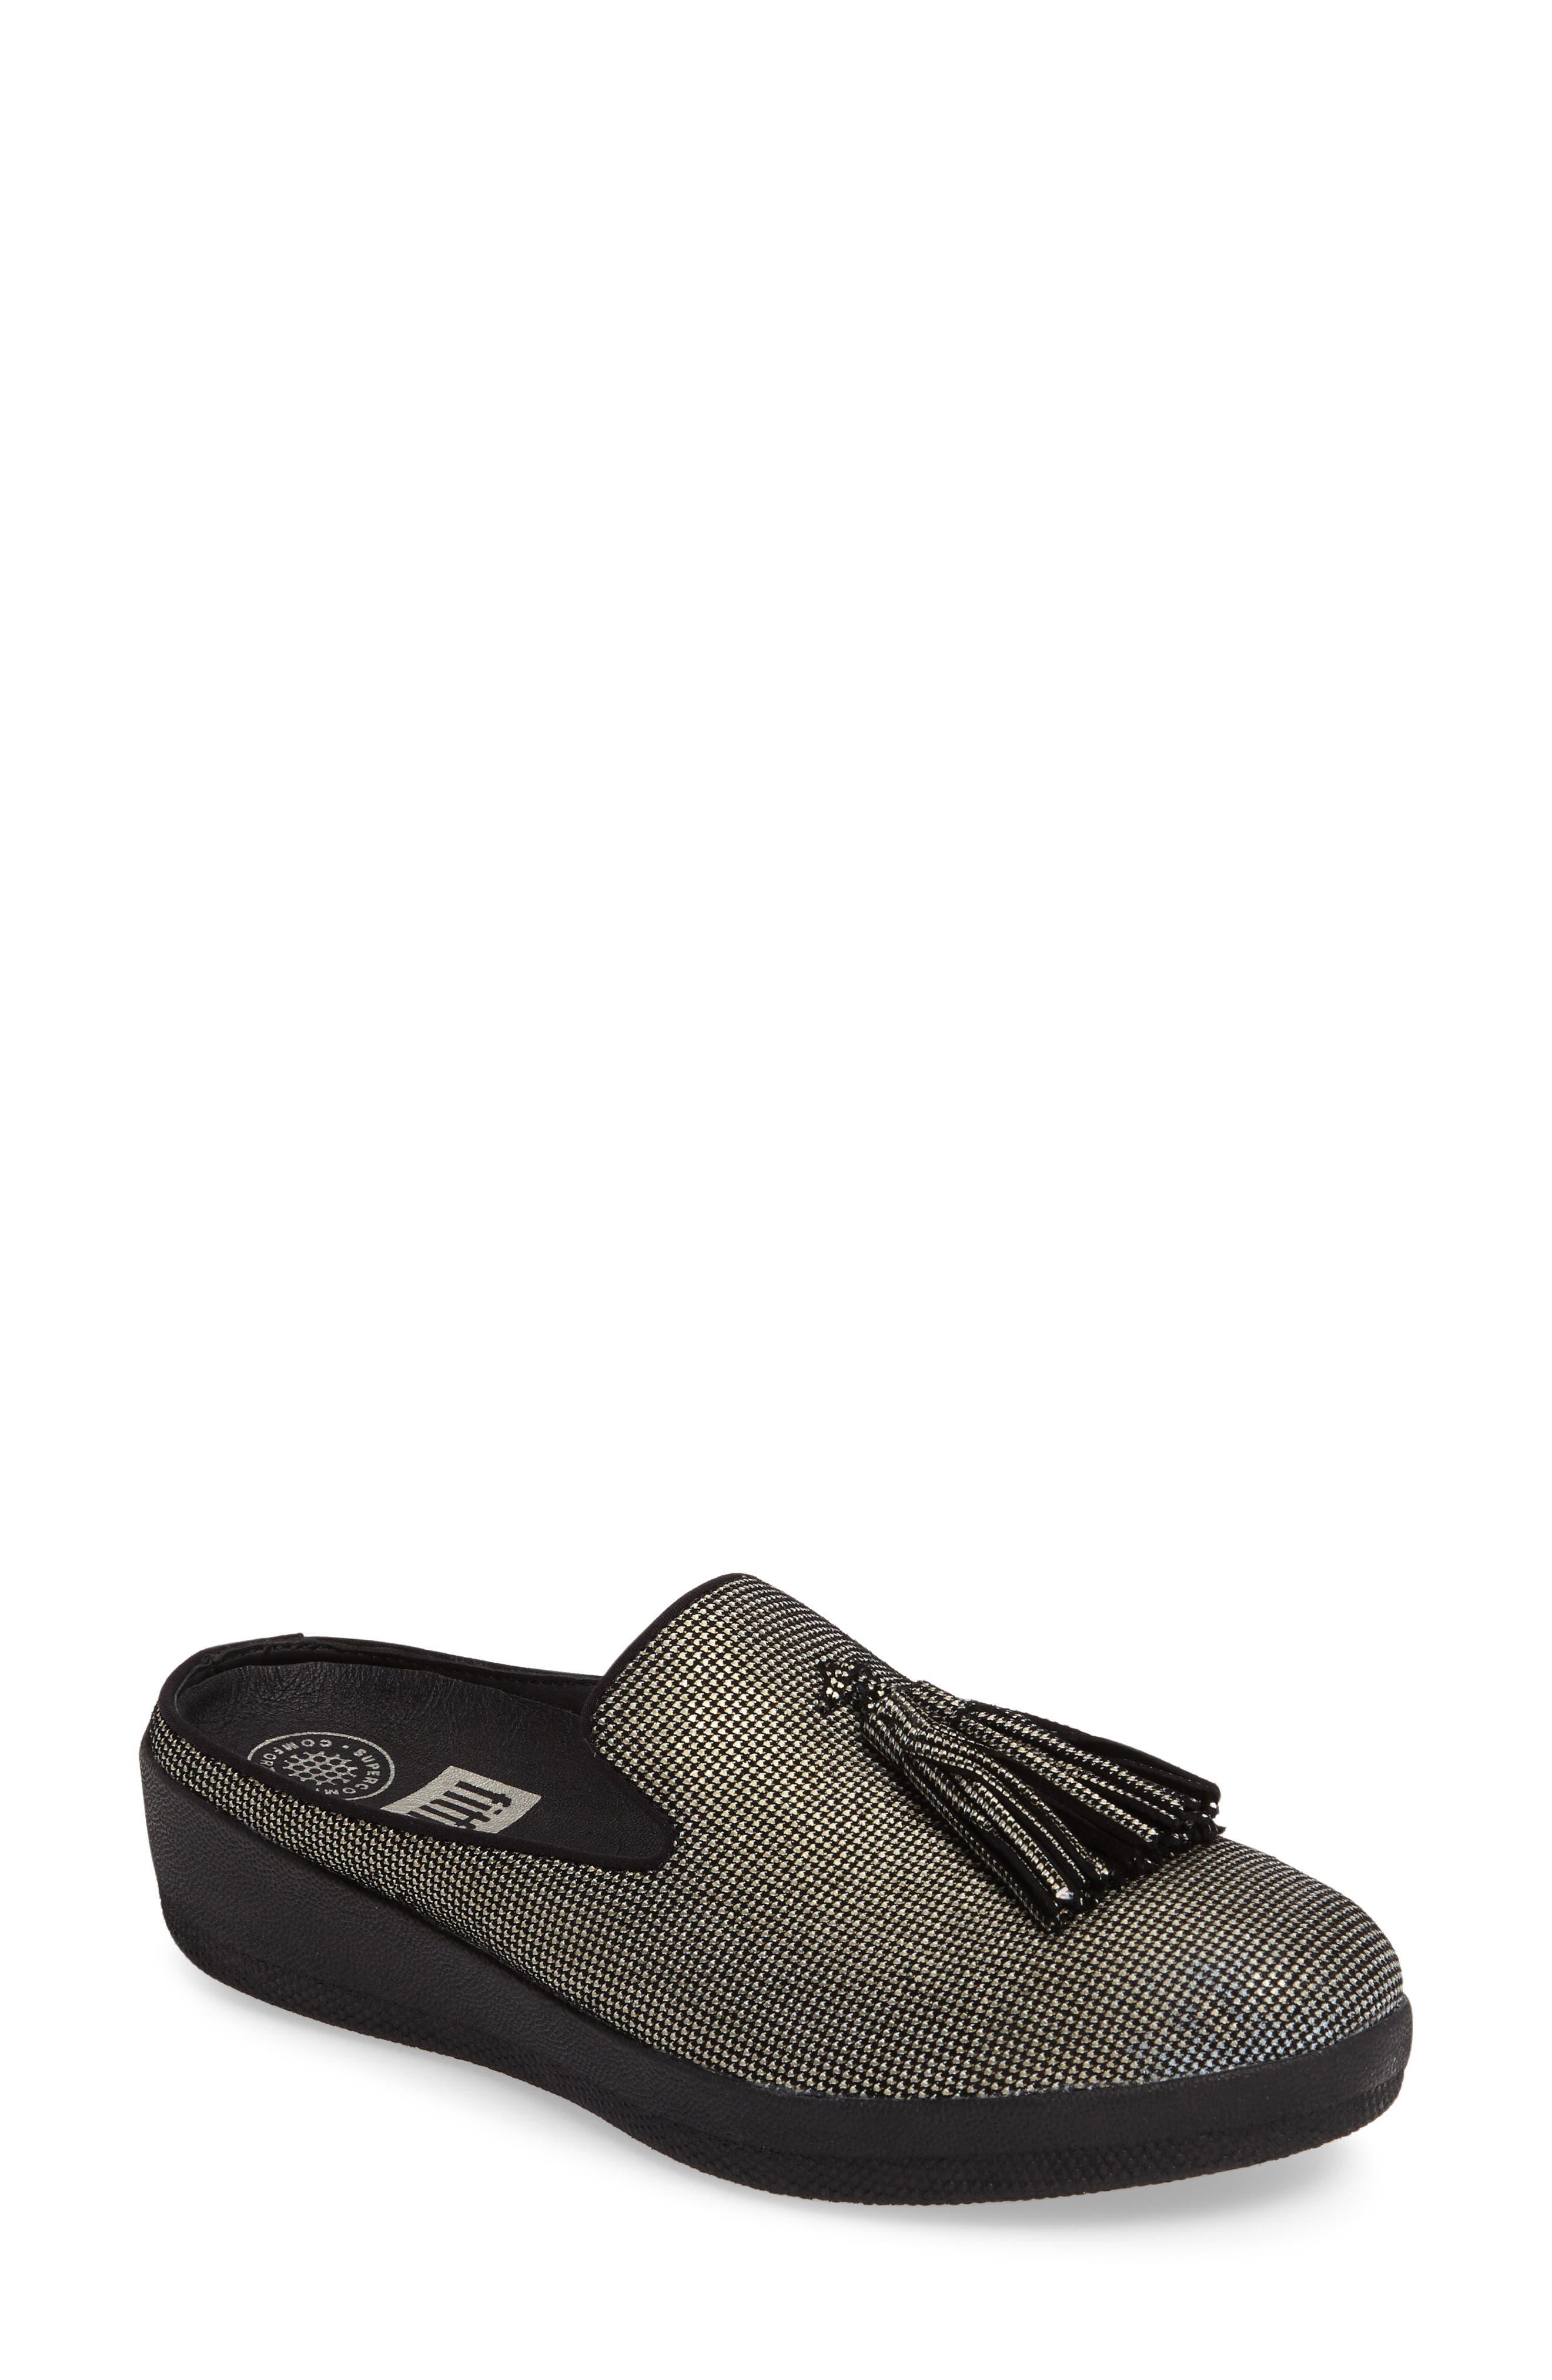 Superskate Slip-On Sneaker,                             Main thumbnail 2, color,